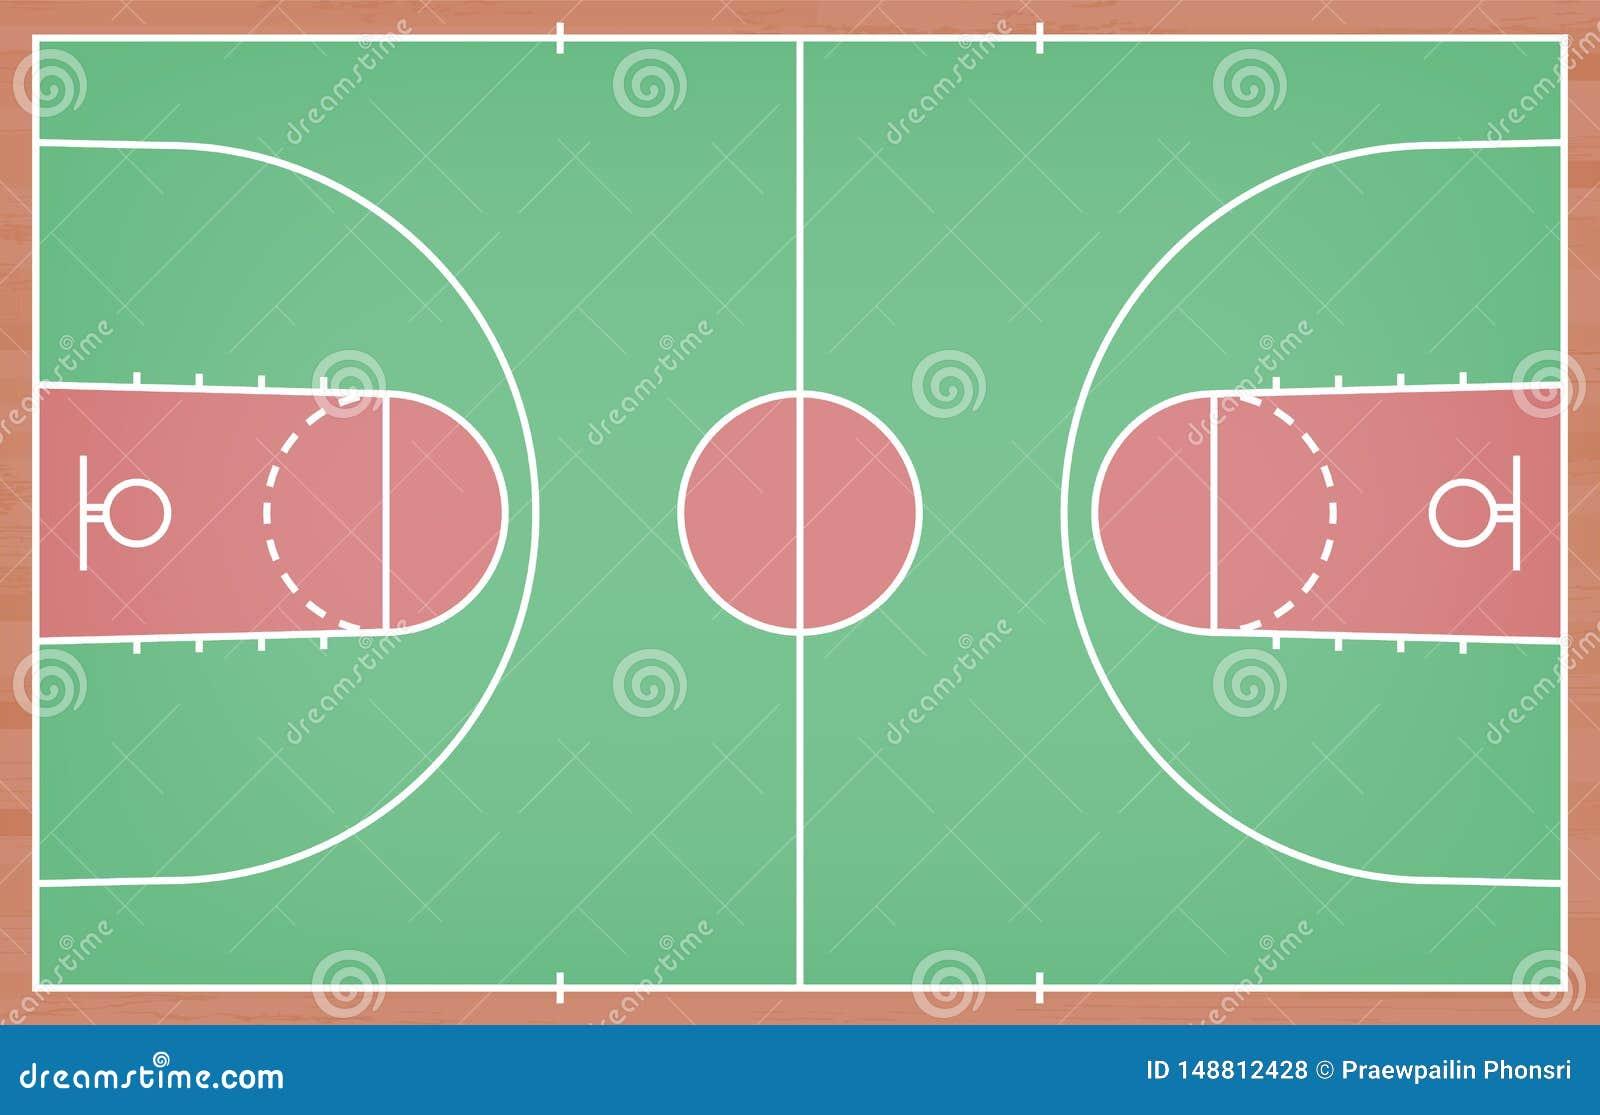 Πάτωμα γήπεδο μπάσκετ με τη γραμμή στο ξύλινο υπόβαθρο σύστασης r